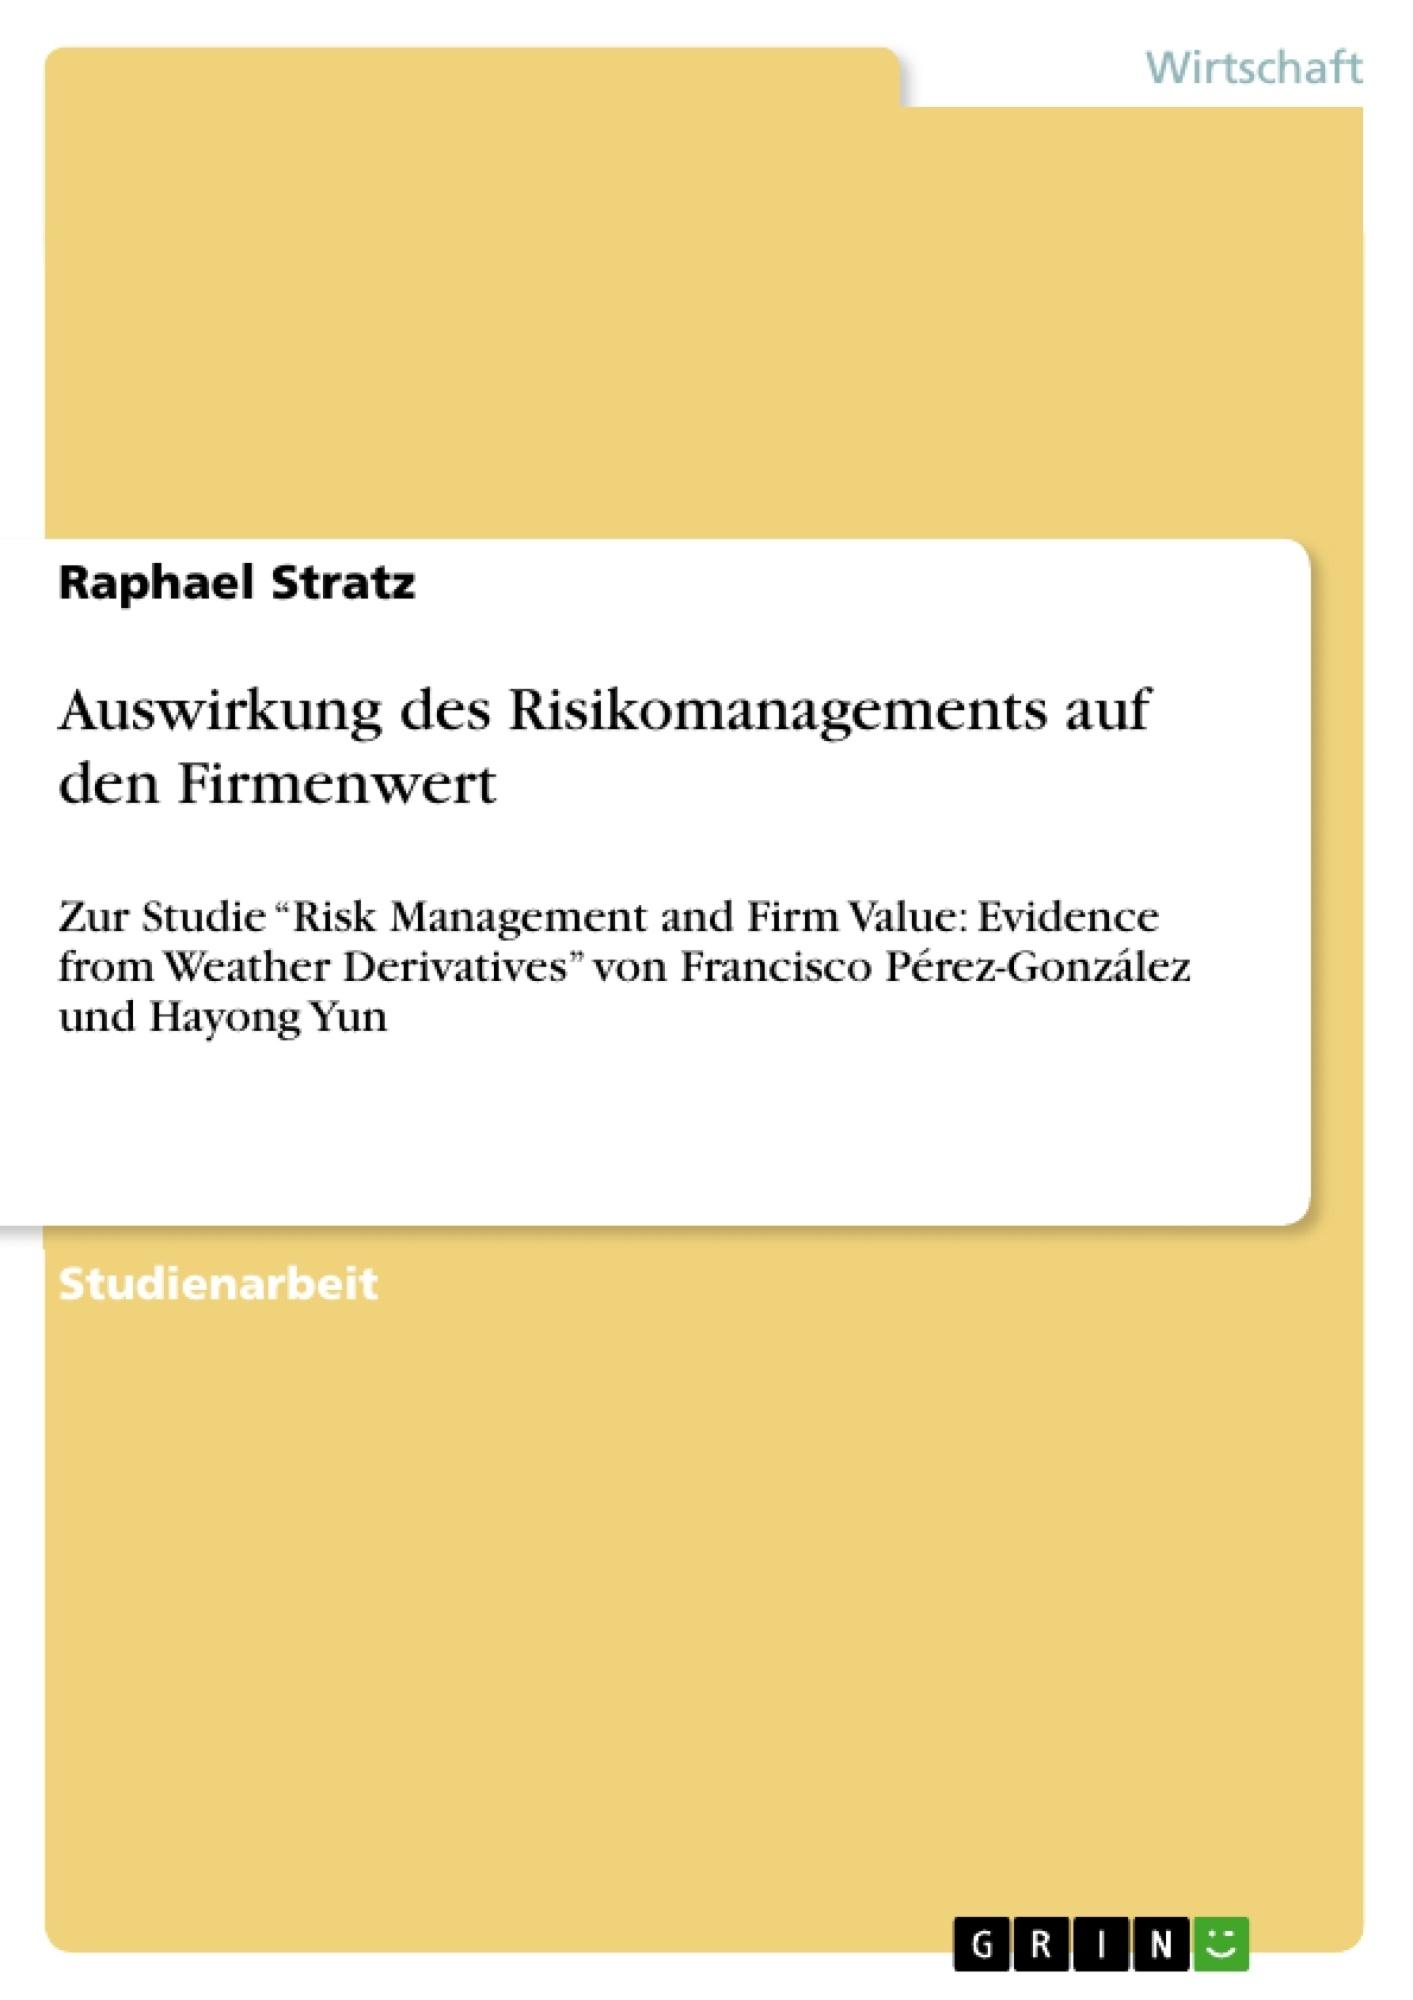 Titel: Auswirkung des Risikomanagements auf den Firmenwert